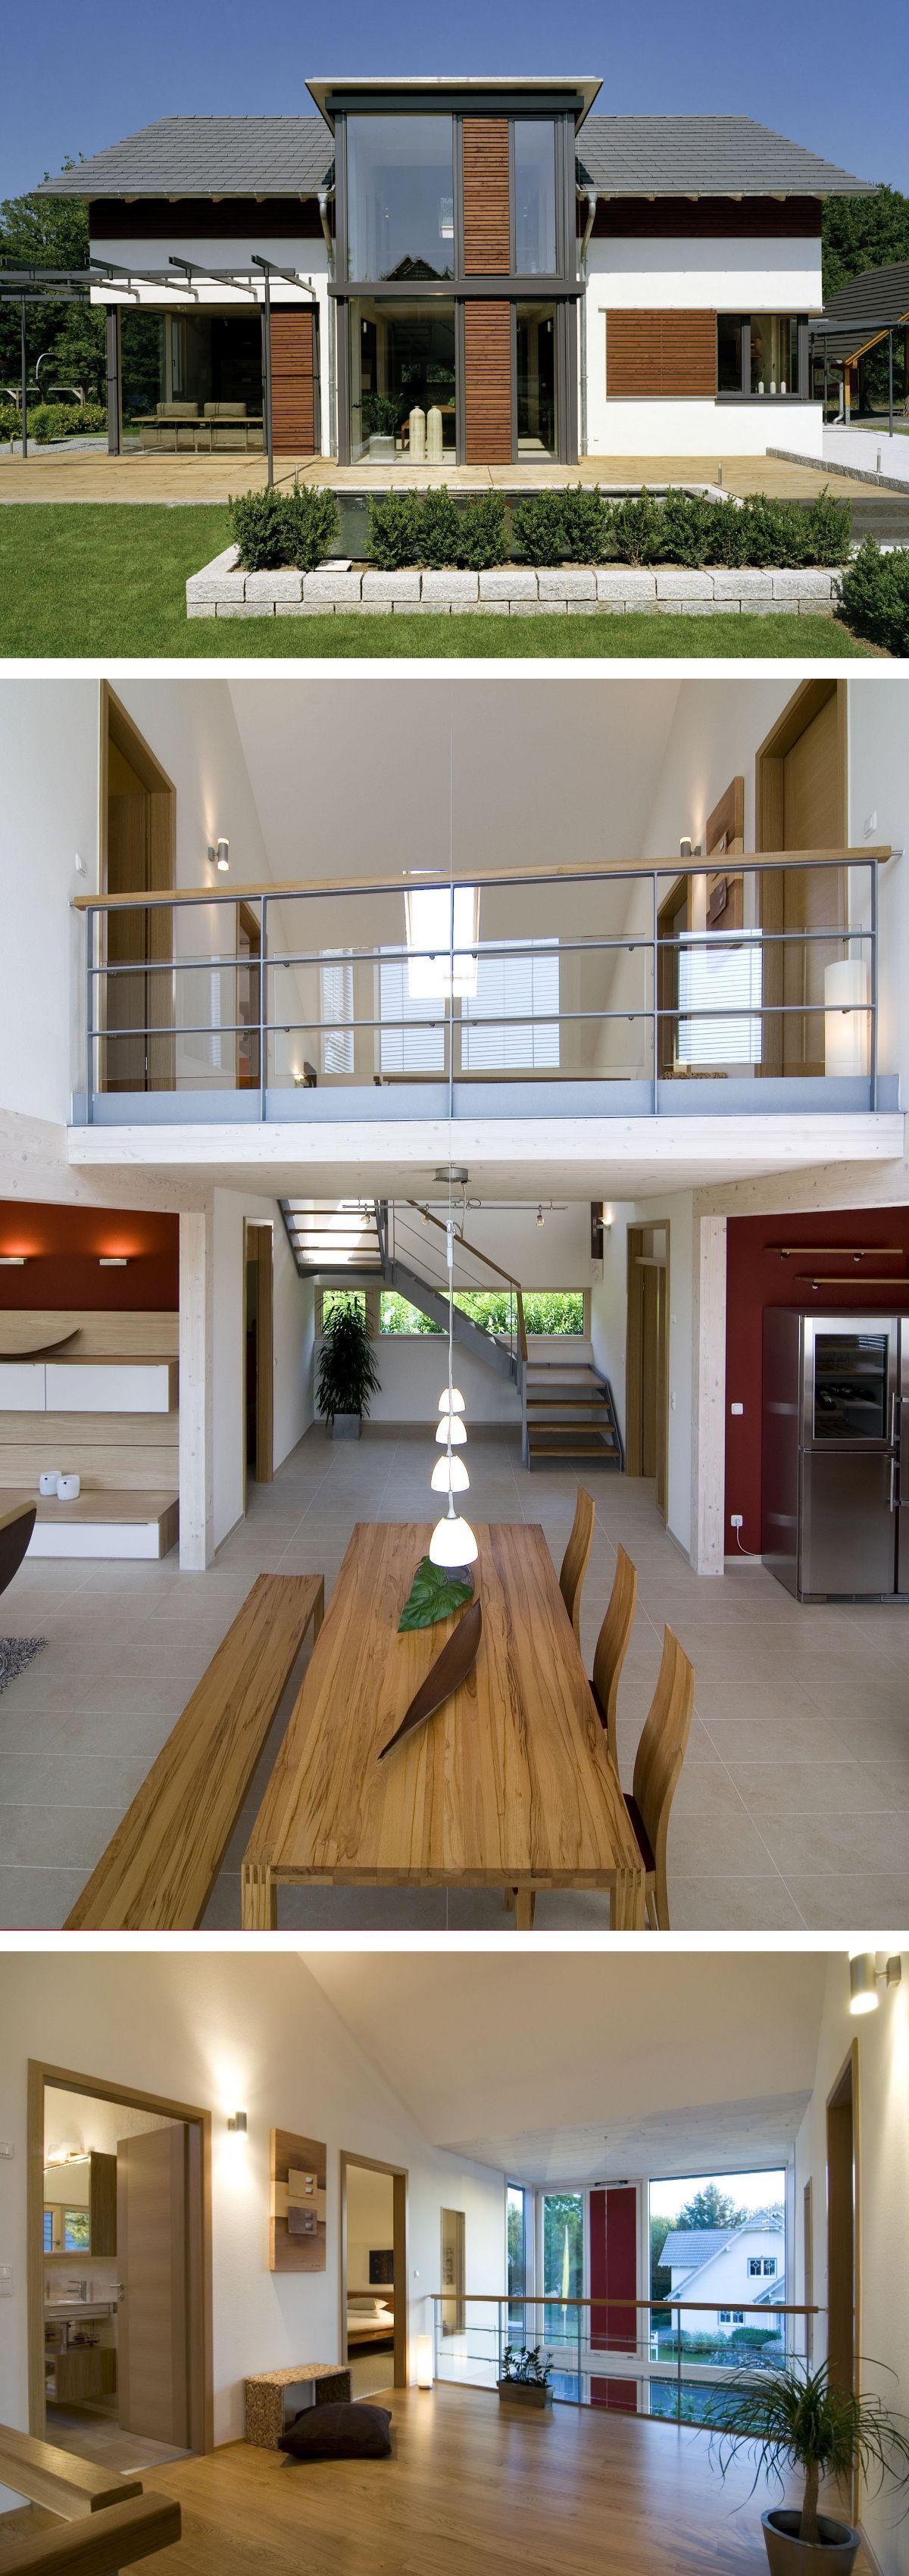 Modernes Einfamilienhaus Mit Holz Putz Fassade Zwerchgiebel Satteldach Archit Archi Wooden House Design Prefabricated Houses House Architecture Styles